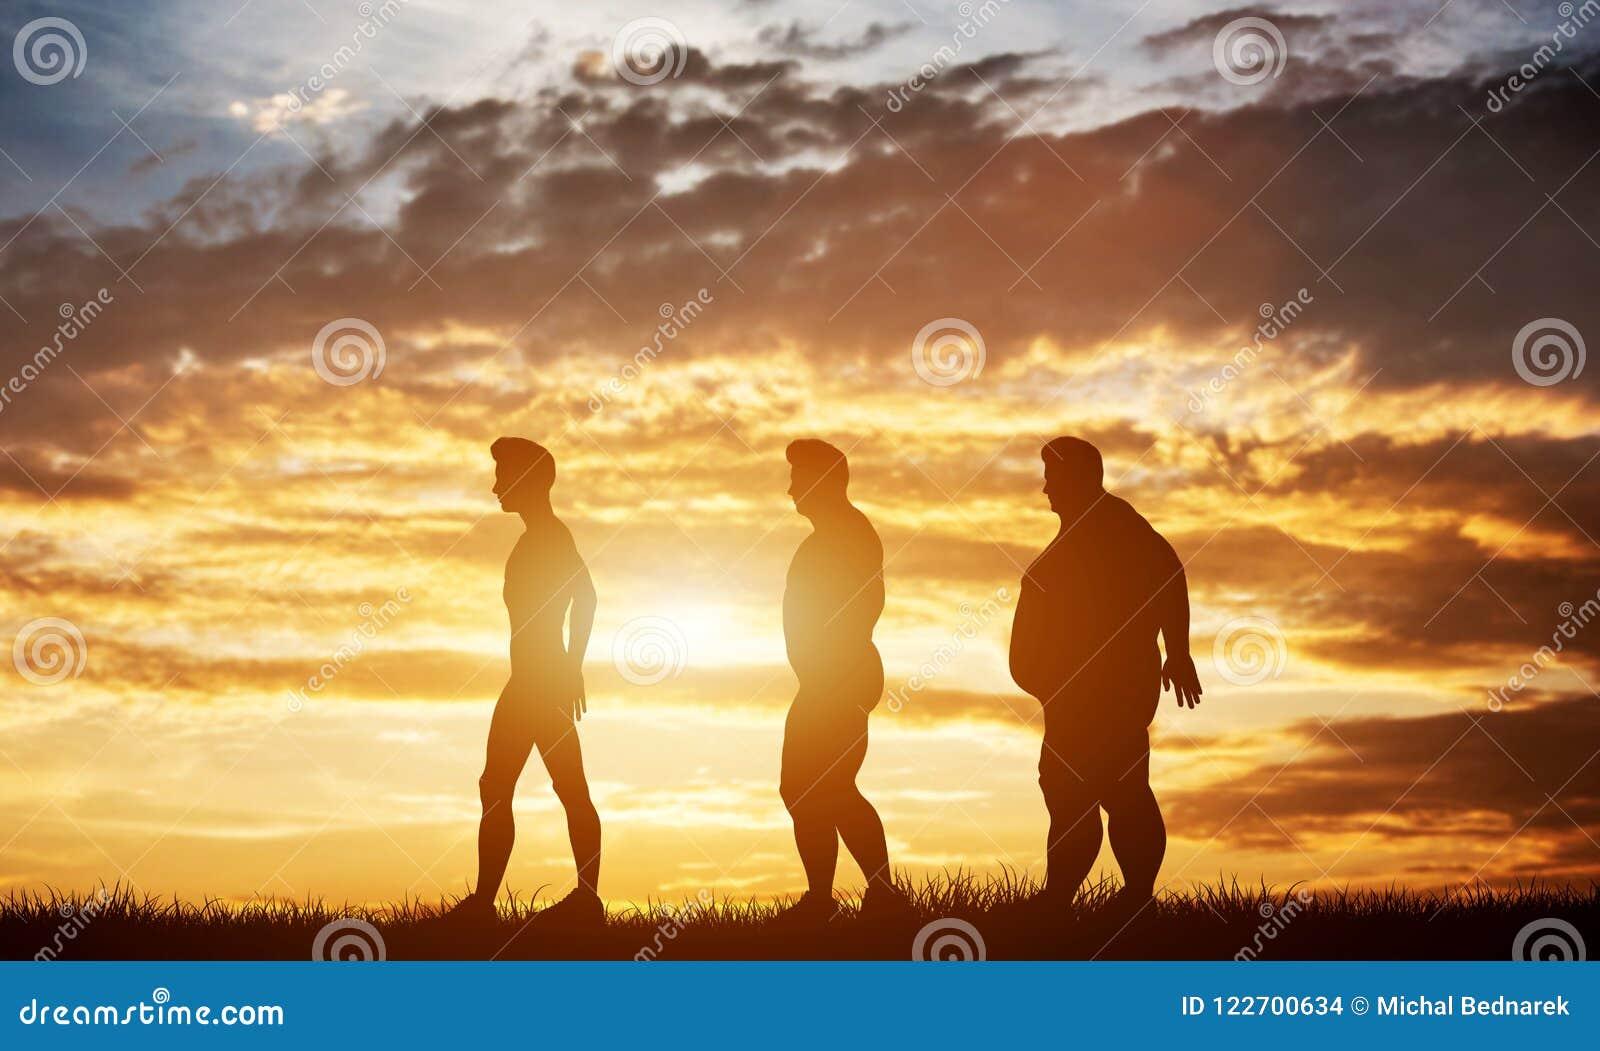 3 силуэта людей с различными типами телосложения на небе захода солнца